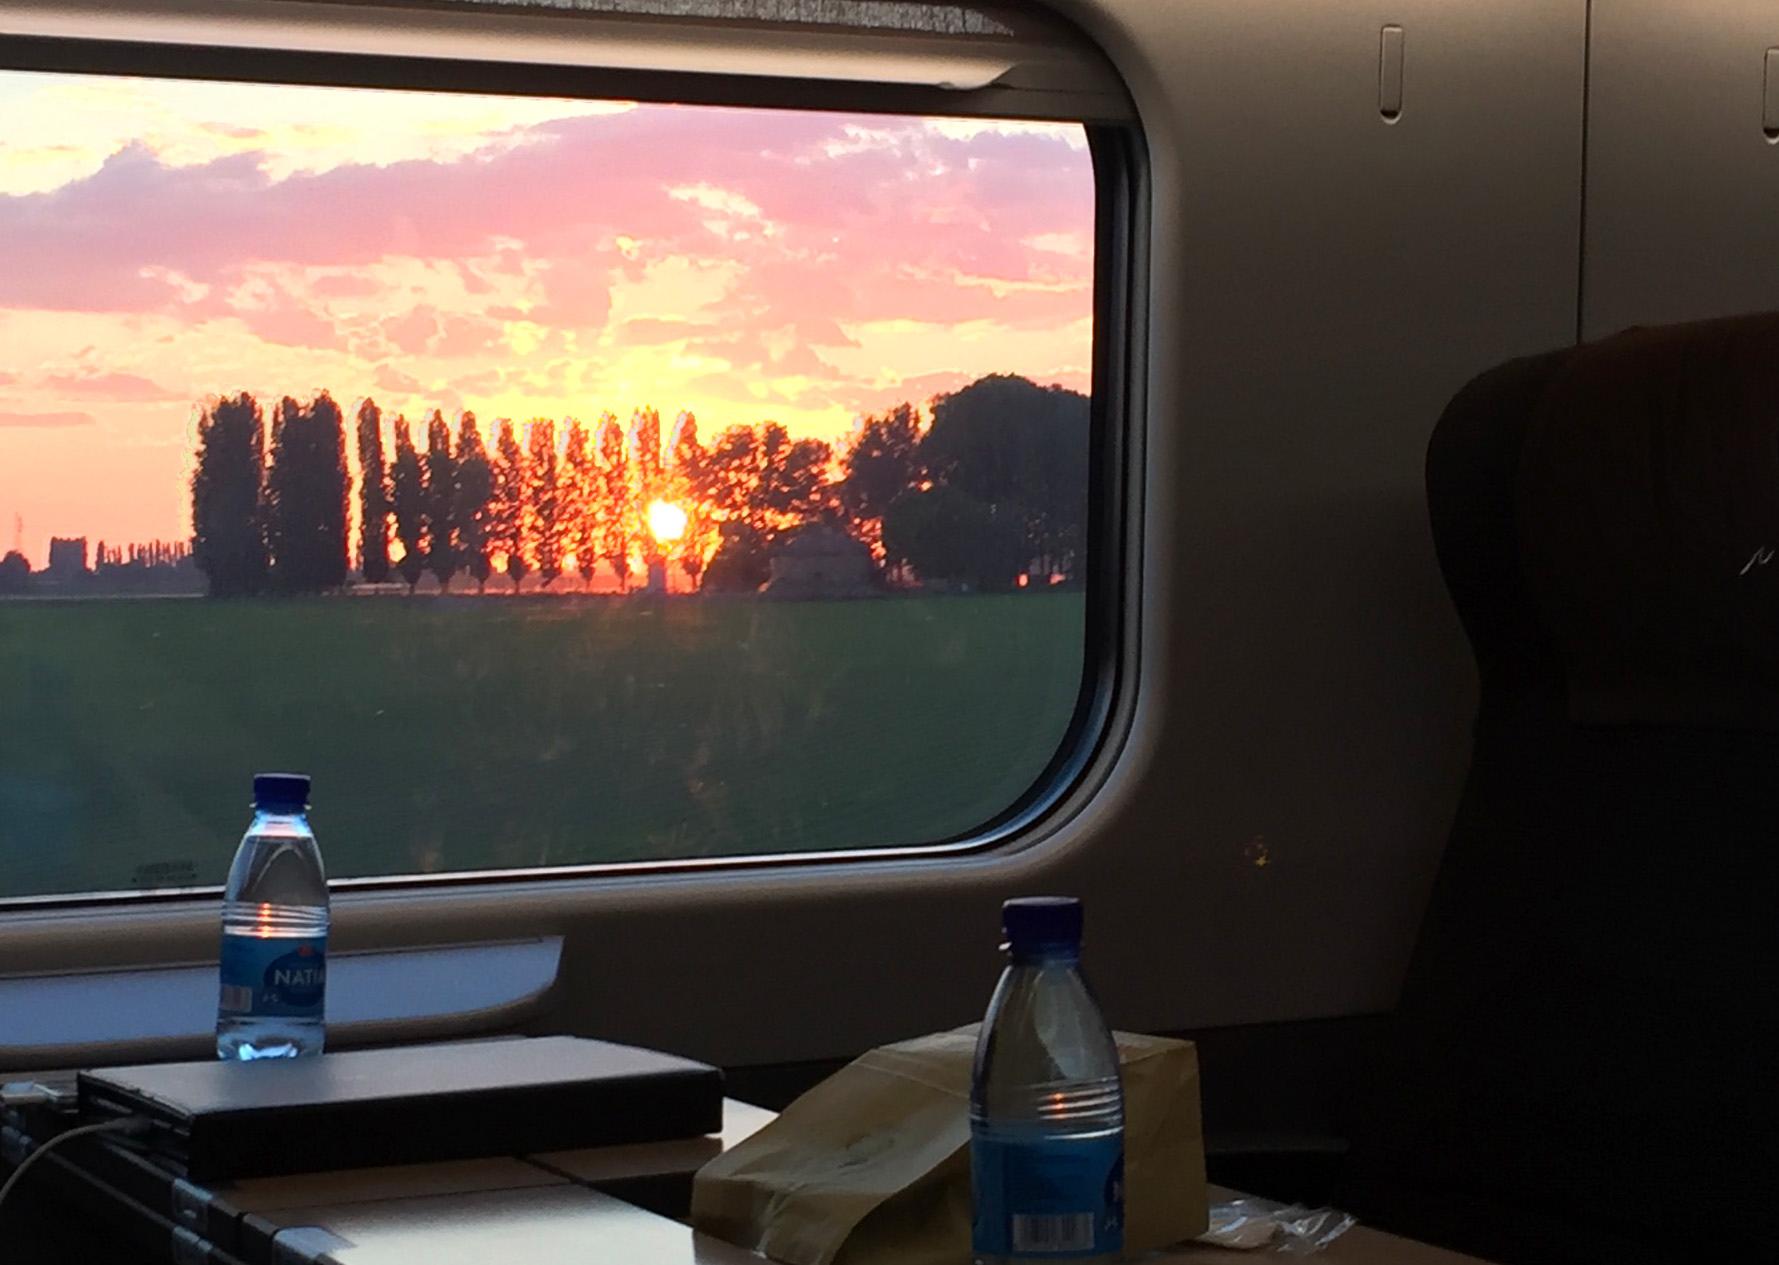 Tuscany sunset                                                                                 Photo: H.H.